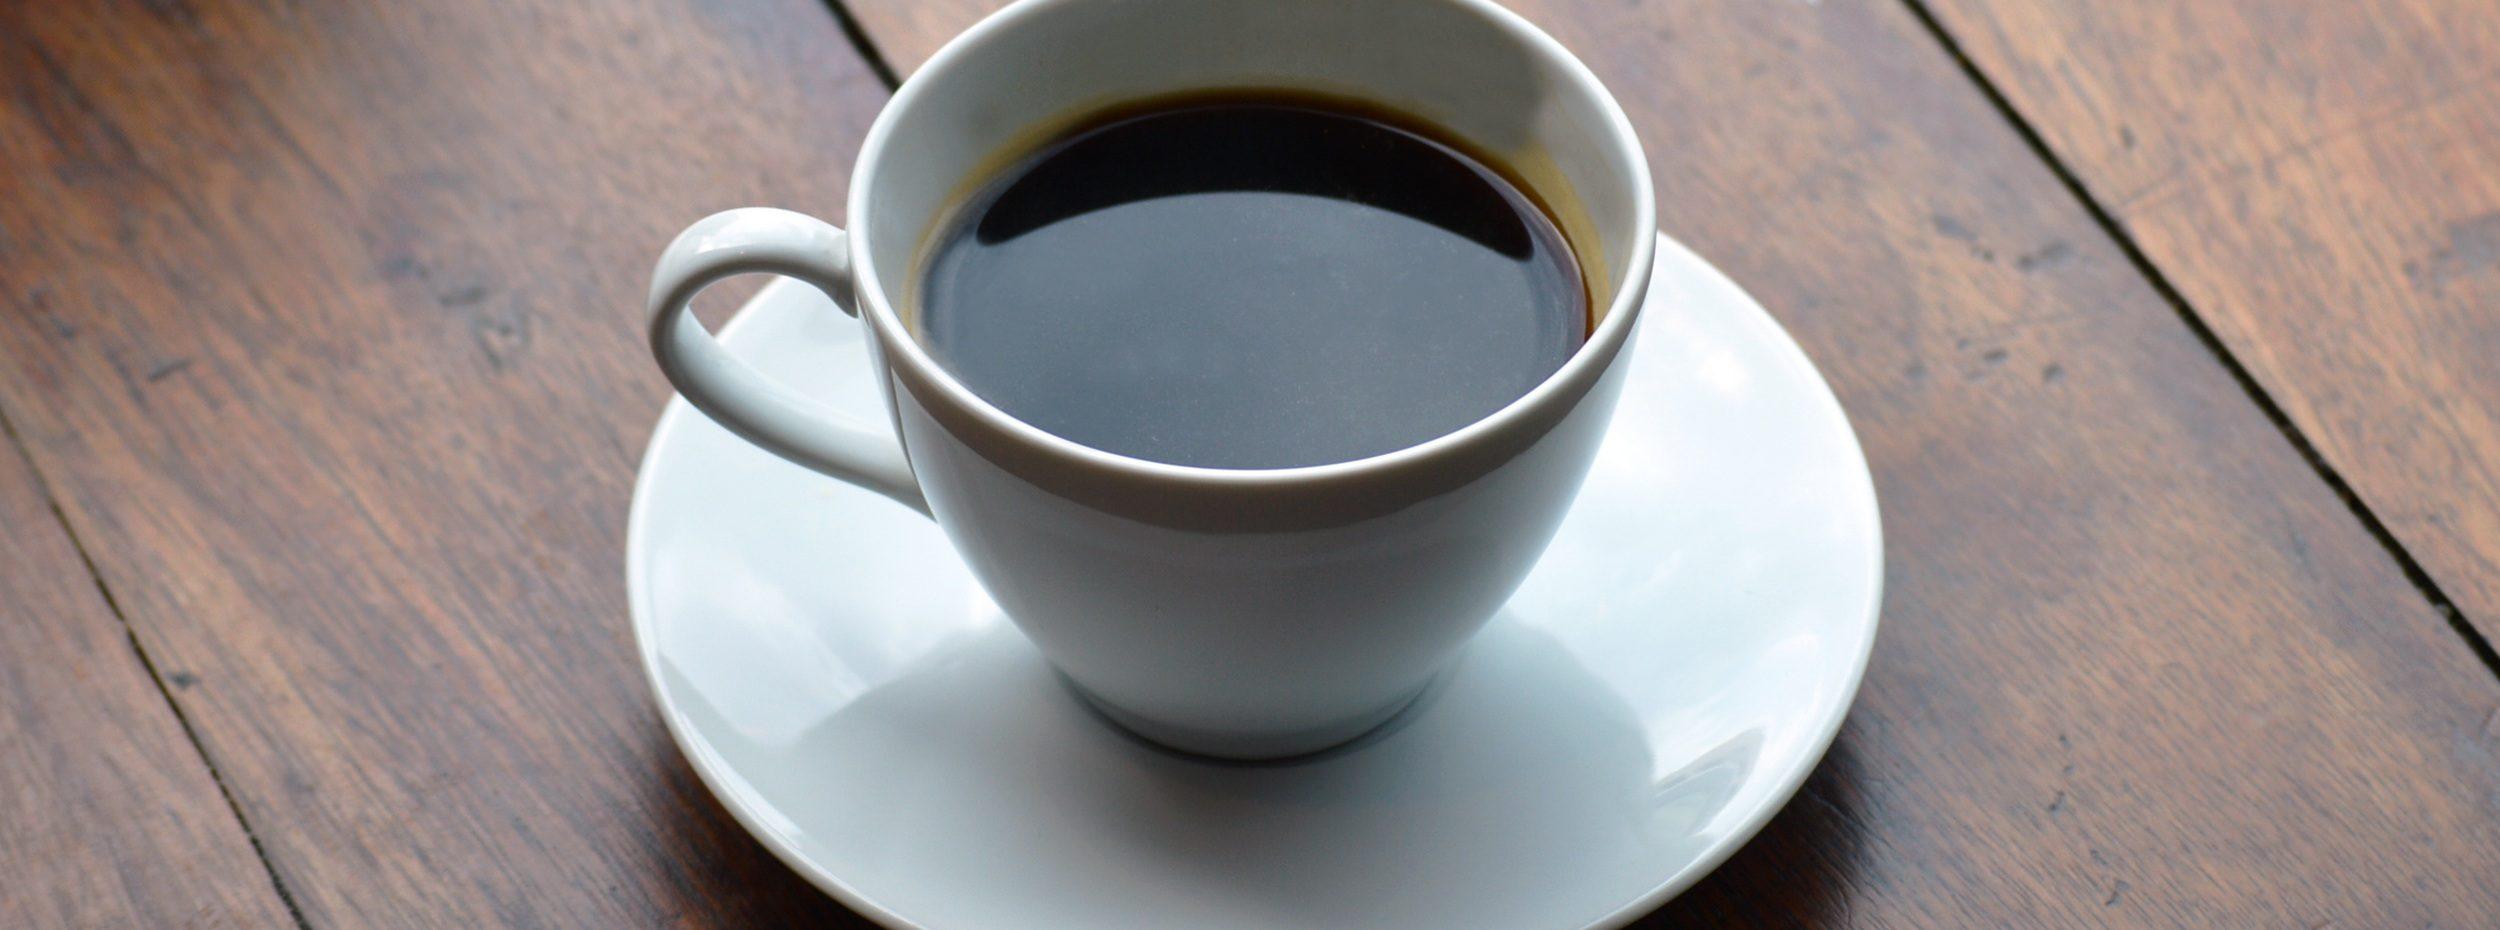 coffee-843278